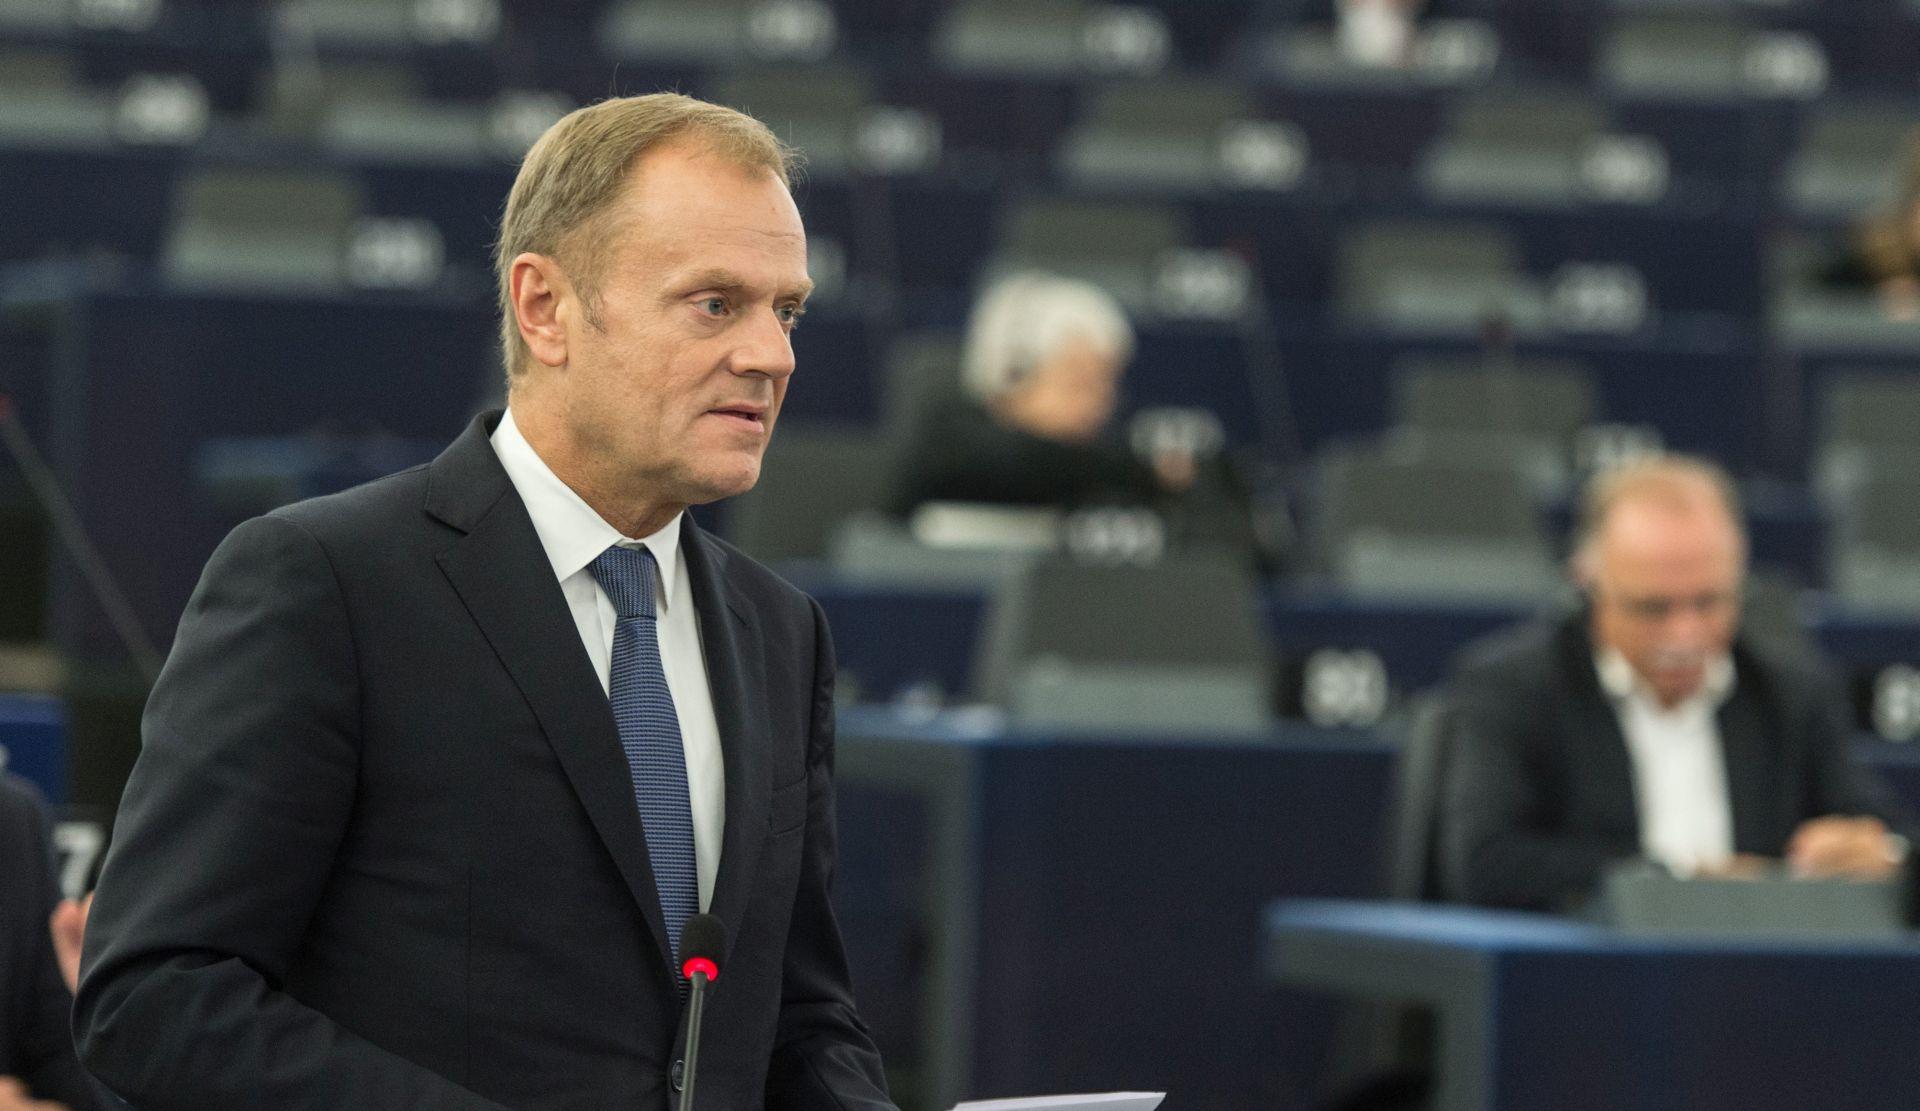 Tusk sazvao neformalni summit EU-a o migrantskoj krizi, traži očuvanje Schengena